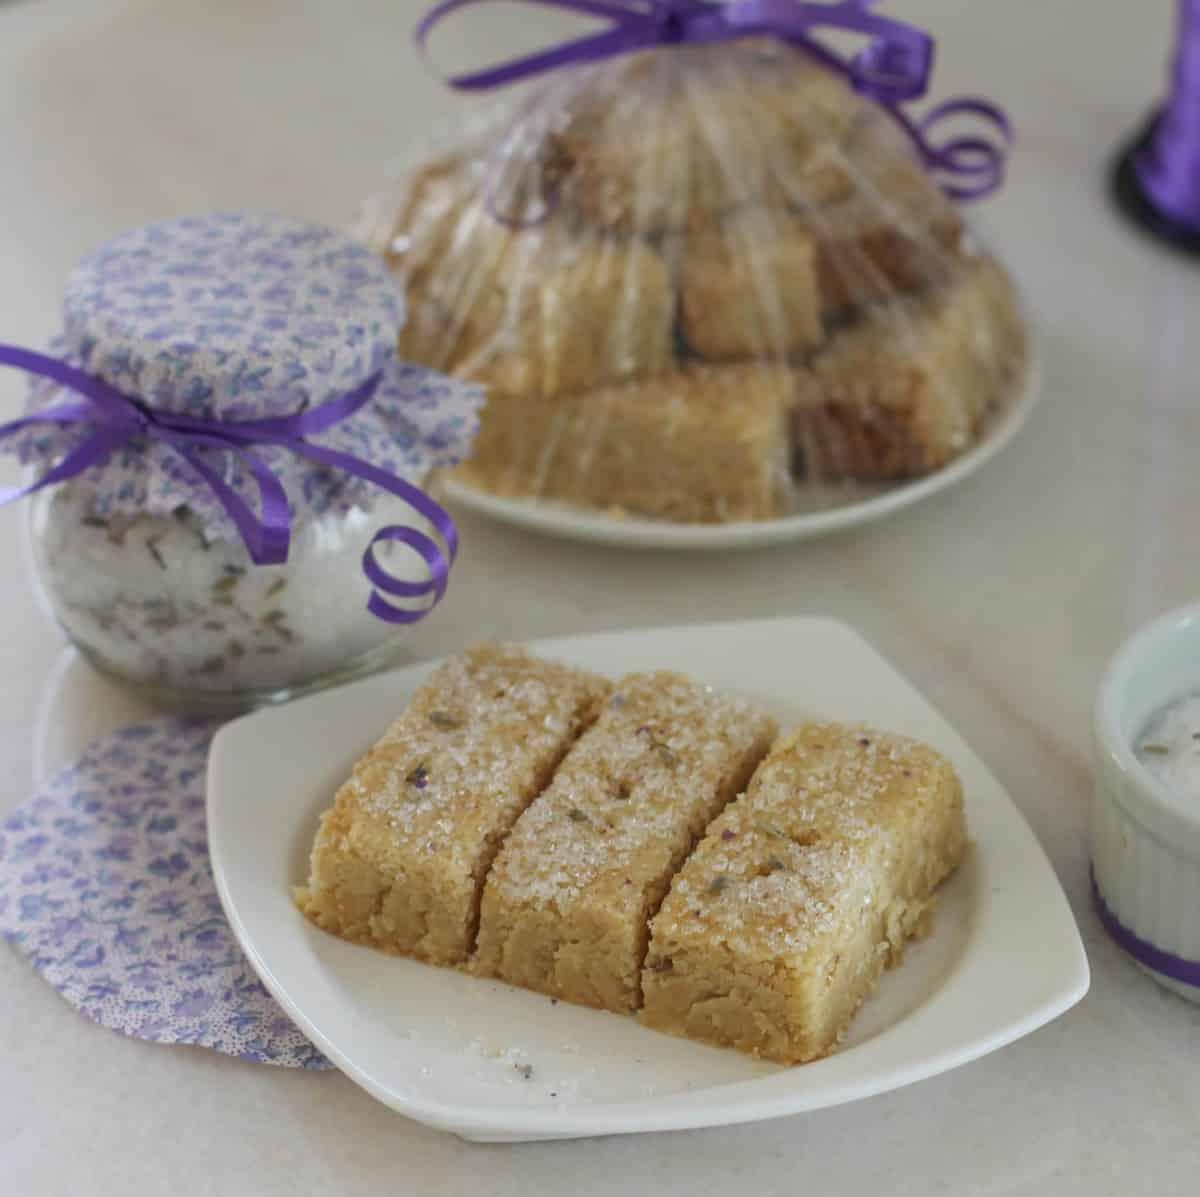 Lavender-infused Sugar #Shortbread #SundaySupper